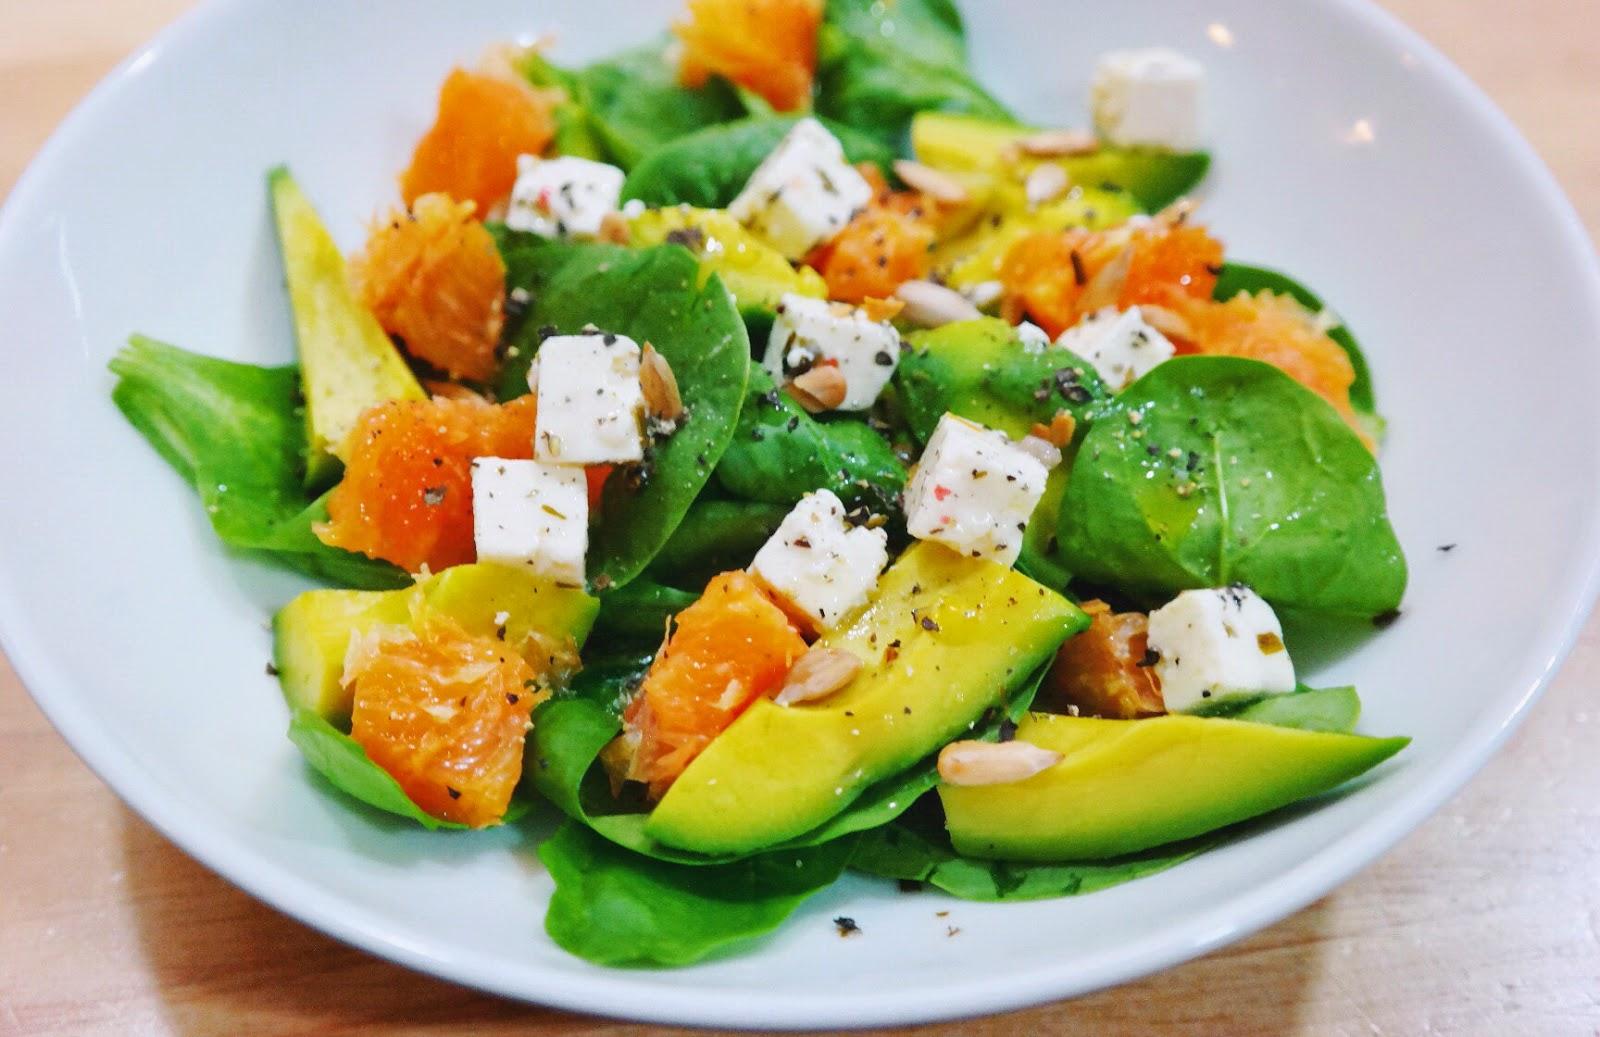 Avocado Feta Orange Salad with Baby Spinach and Pumpkin ...